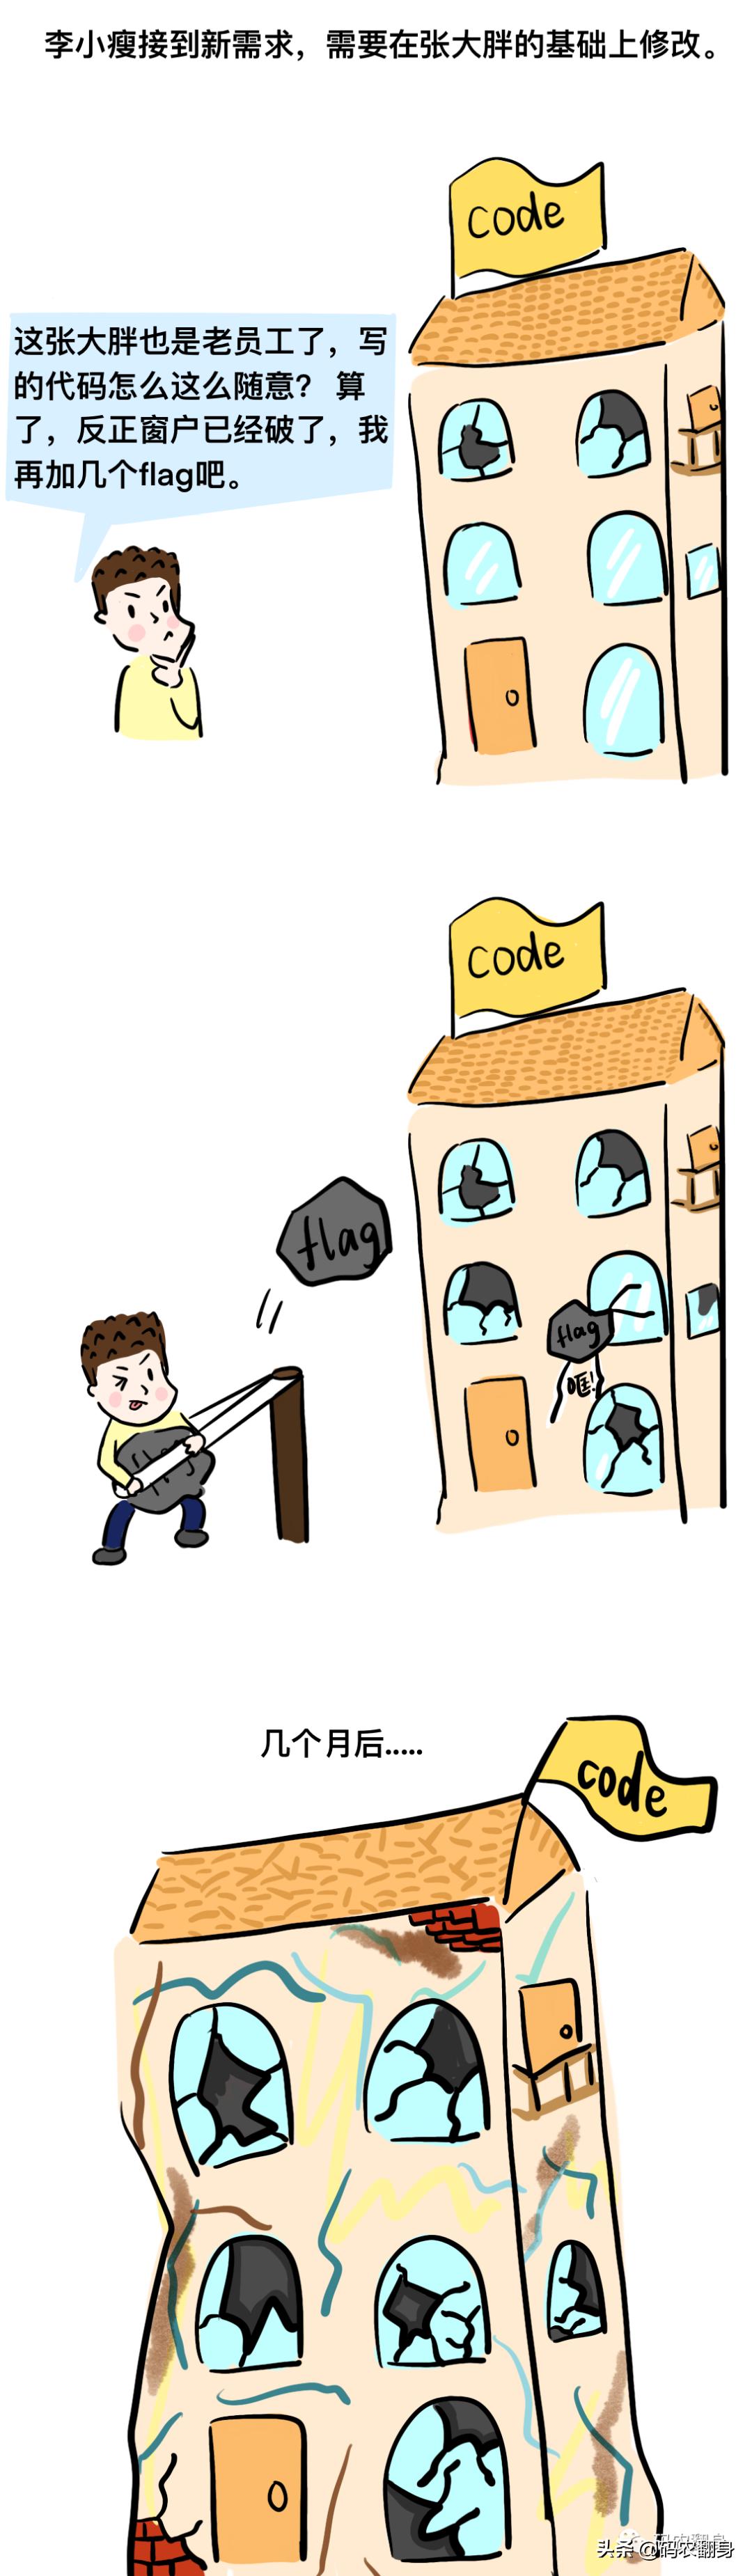 统治软件开发的著名定律,让你无处可逃